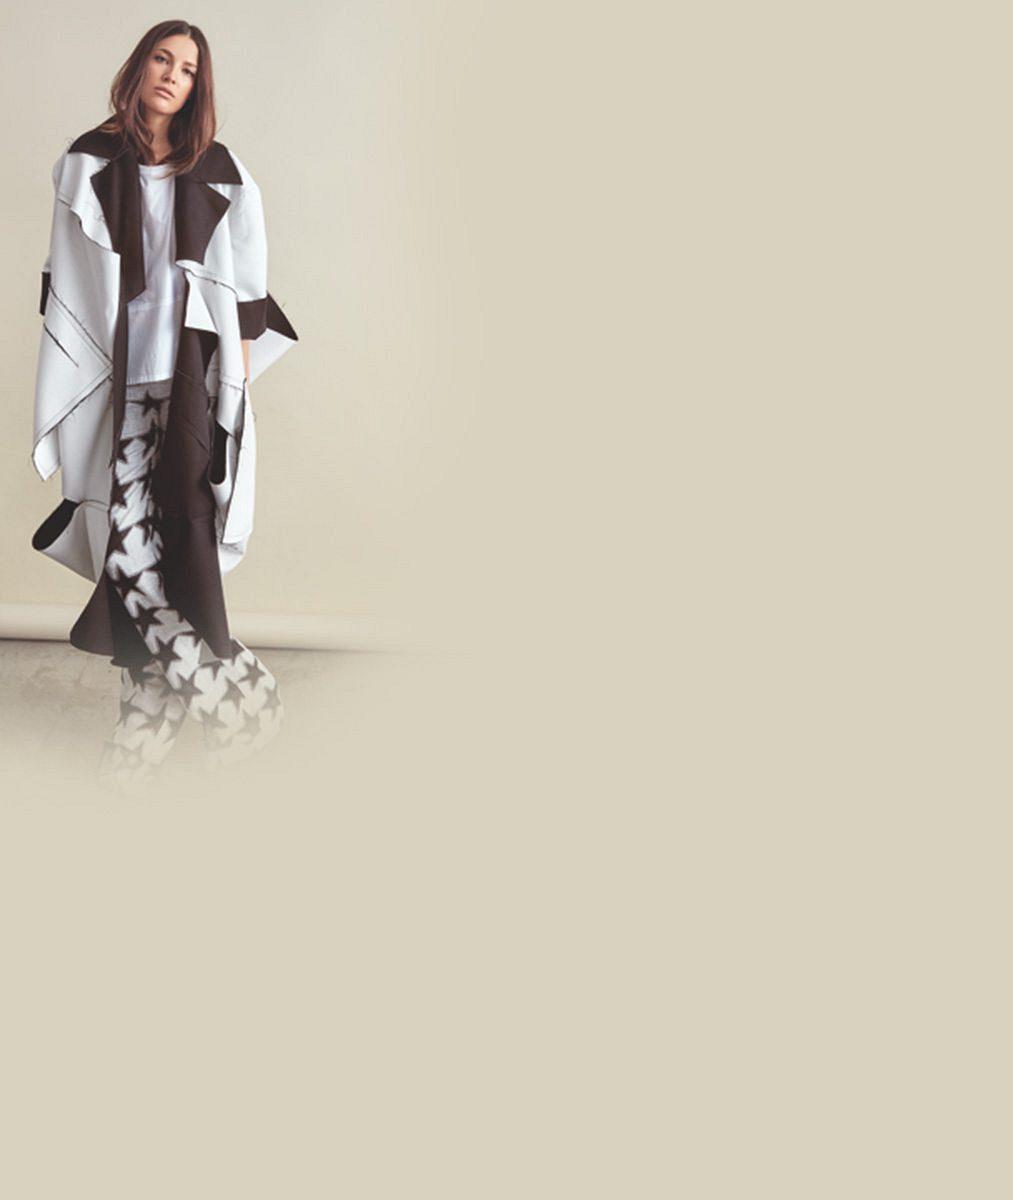 Sokolová nafotila pro českou módní bibli nejněžnější fotky kariéry. Chystá se konat dobro